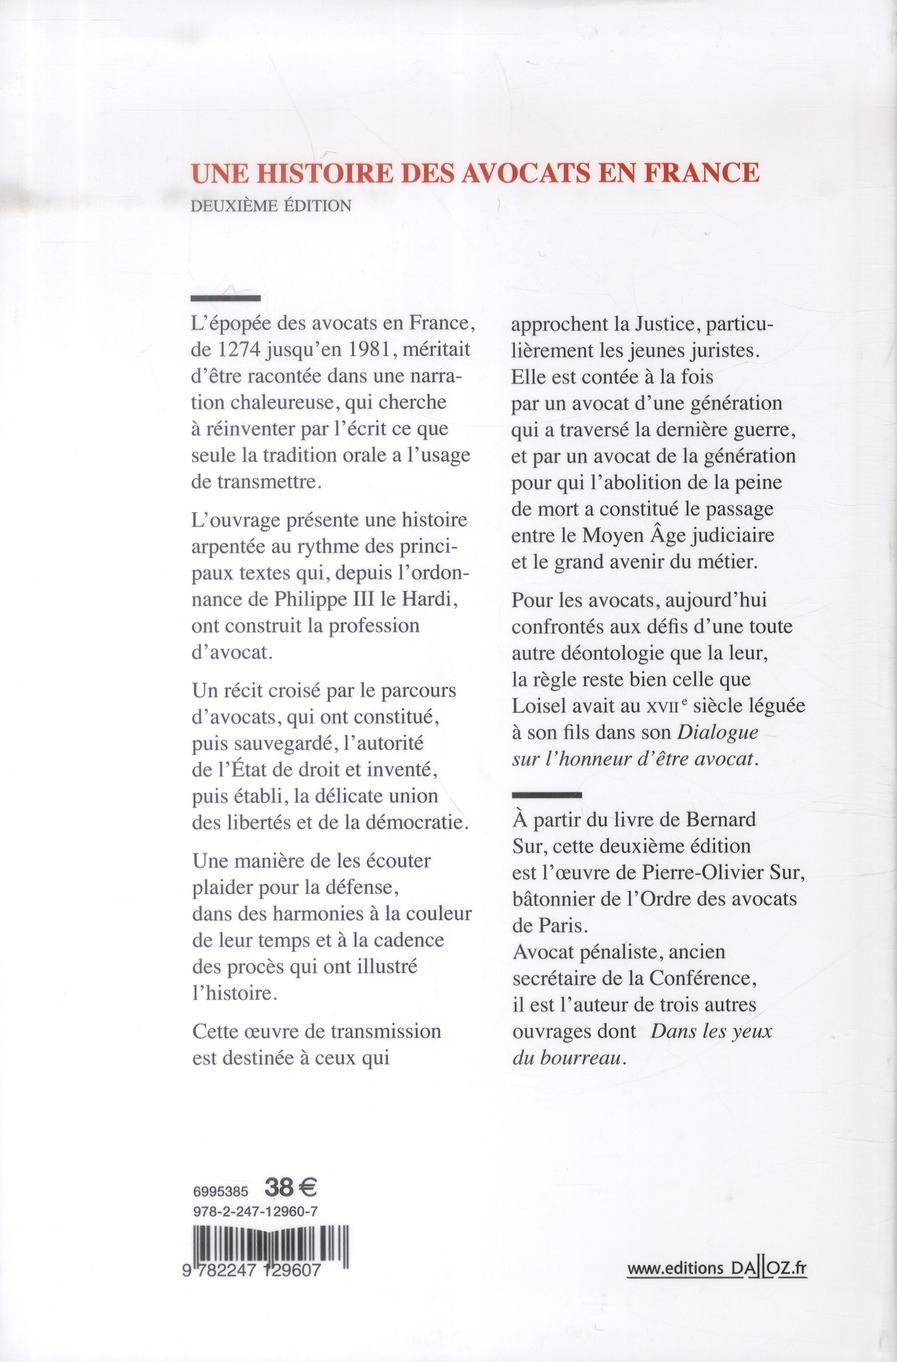 Une histoire des avocats en France (2e édition)